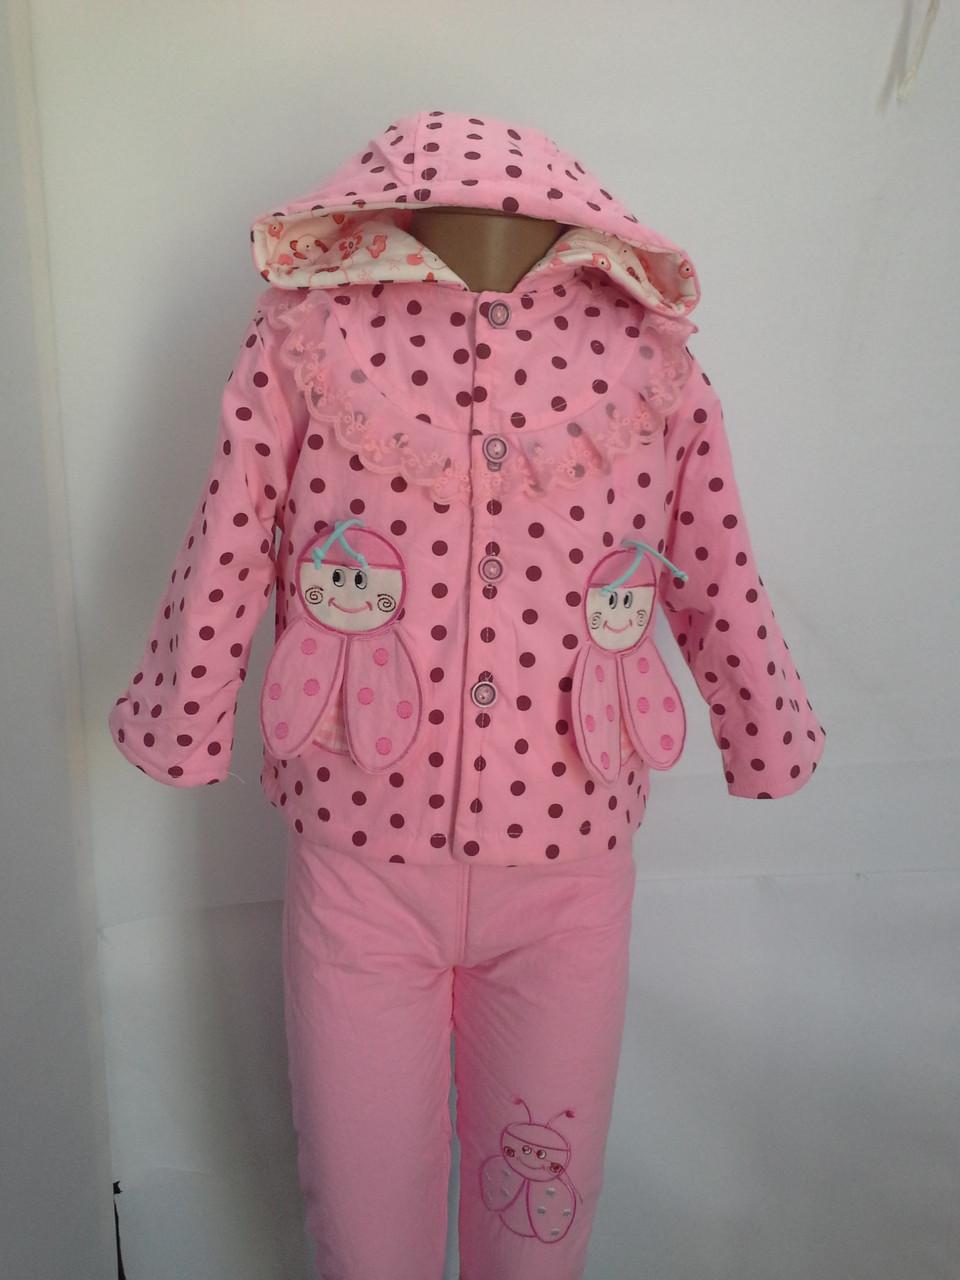 66077755c8f7 Утепленный костюм для девочек от 1 до 4 лет  продажа, цена в ...